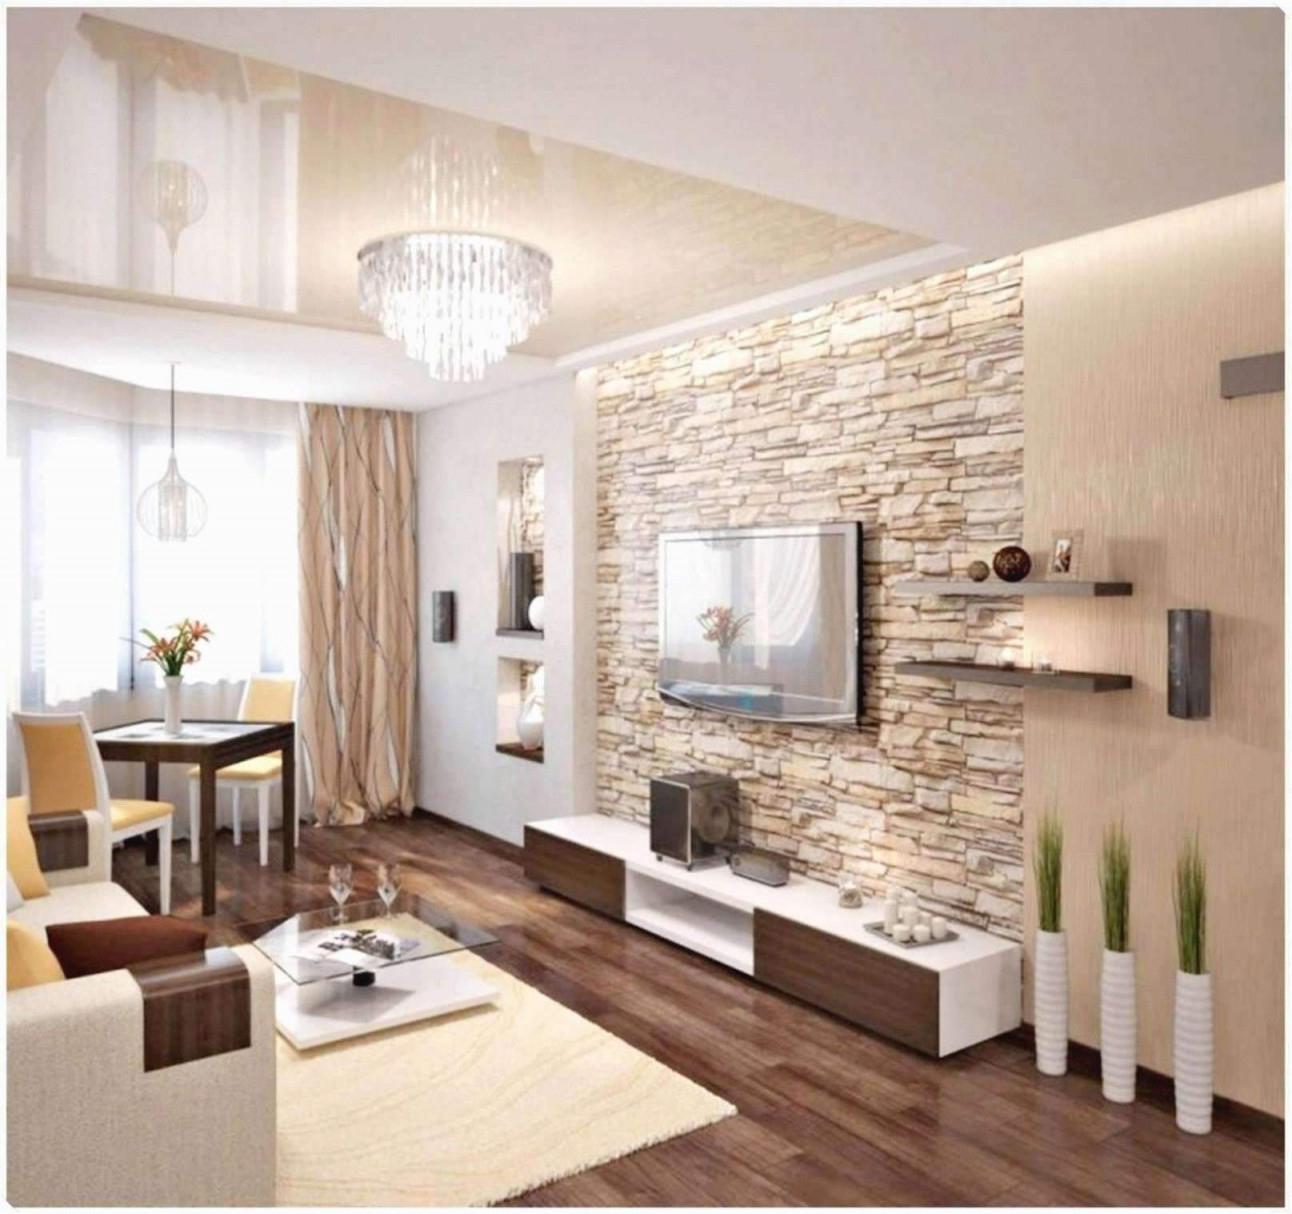 29 Luxus Wohnzimmer Einrichten Ideen Genial  Wohnzimmer Frisch von Wohnzimmer Farbig Gestalten Photo